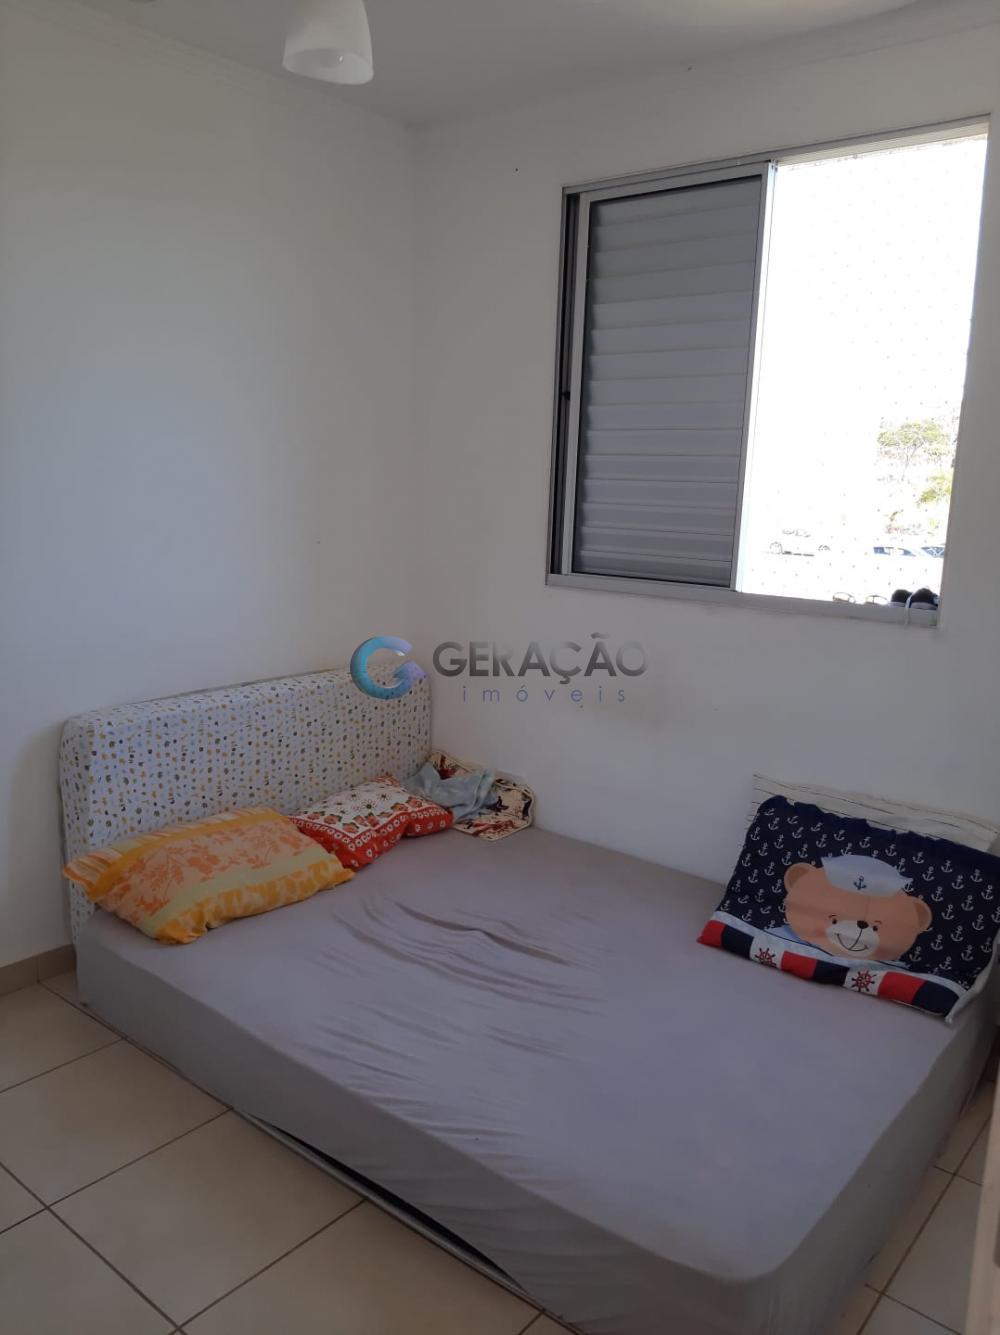 Alugar Apartamento / Padrão em São José dos Campos R$ 900,00 - Foto 12